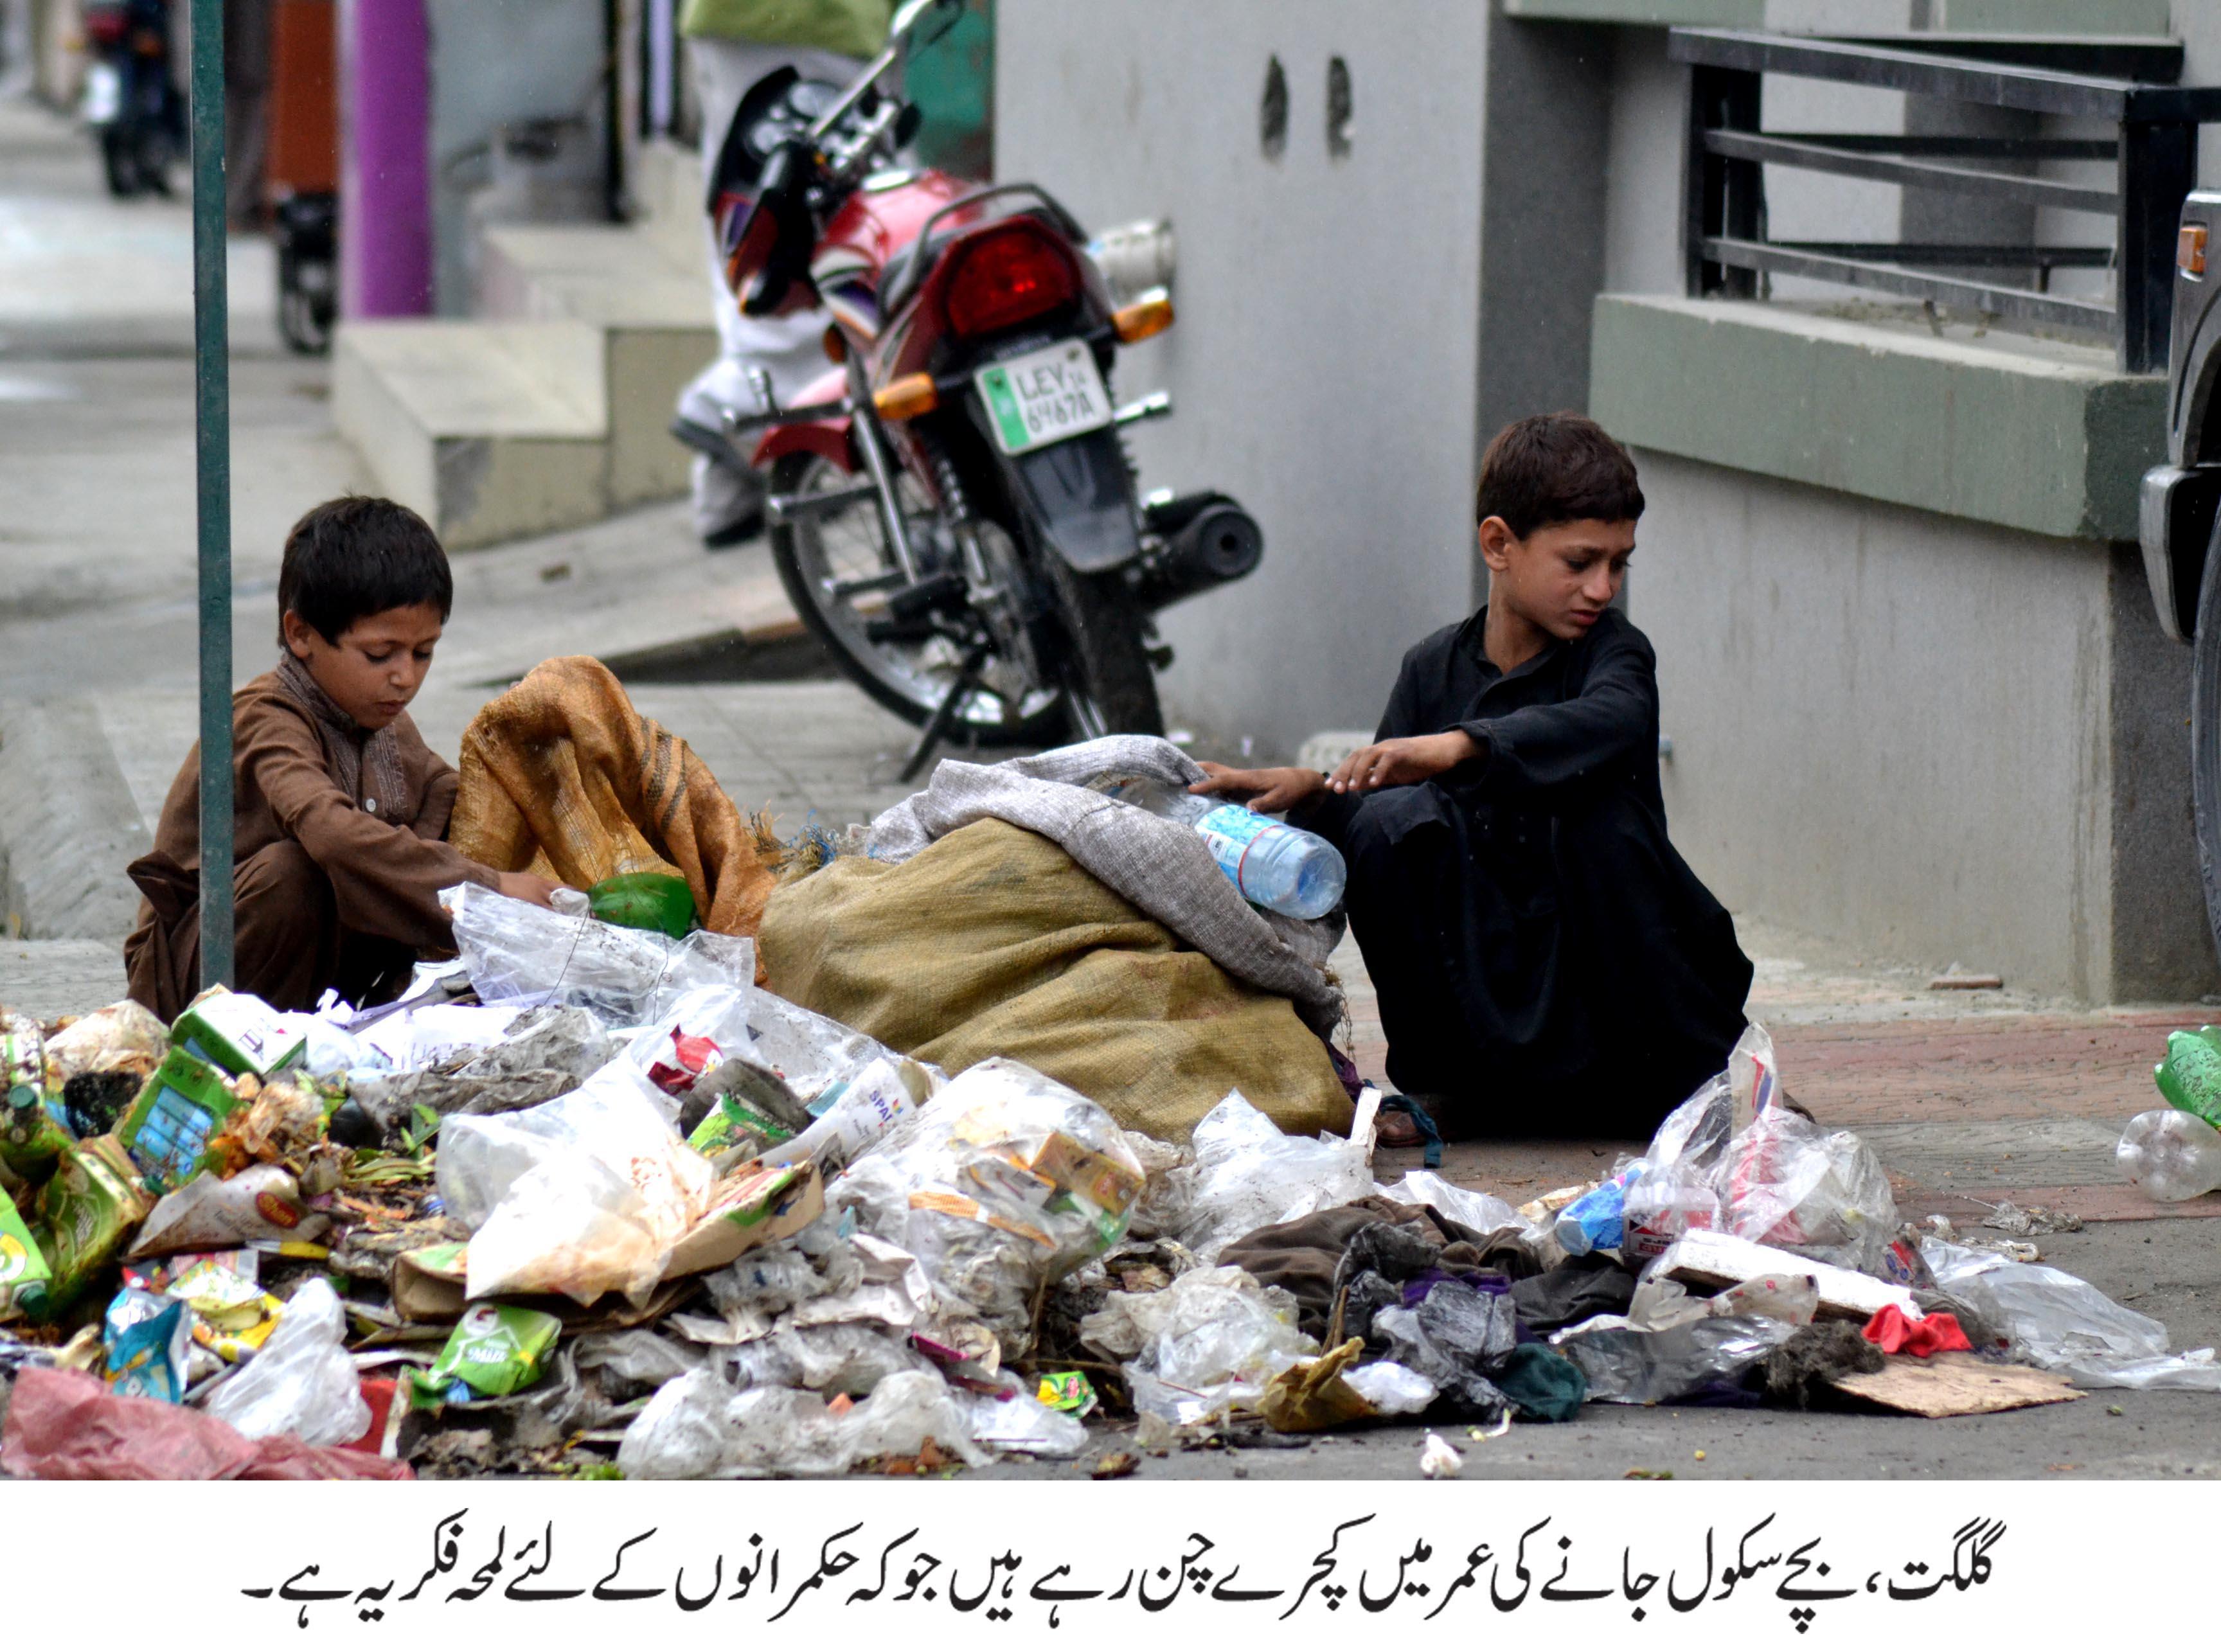 شہر سے جمع شدہ کچرہ تلف کرنے کے لئے عوامی سطح پر آگاہی کی ضرورت ہے، سیکریٹری دیہی ترقی آصف اللہ خان